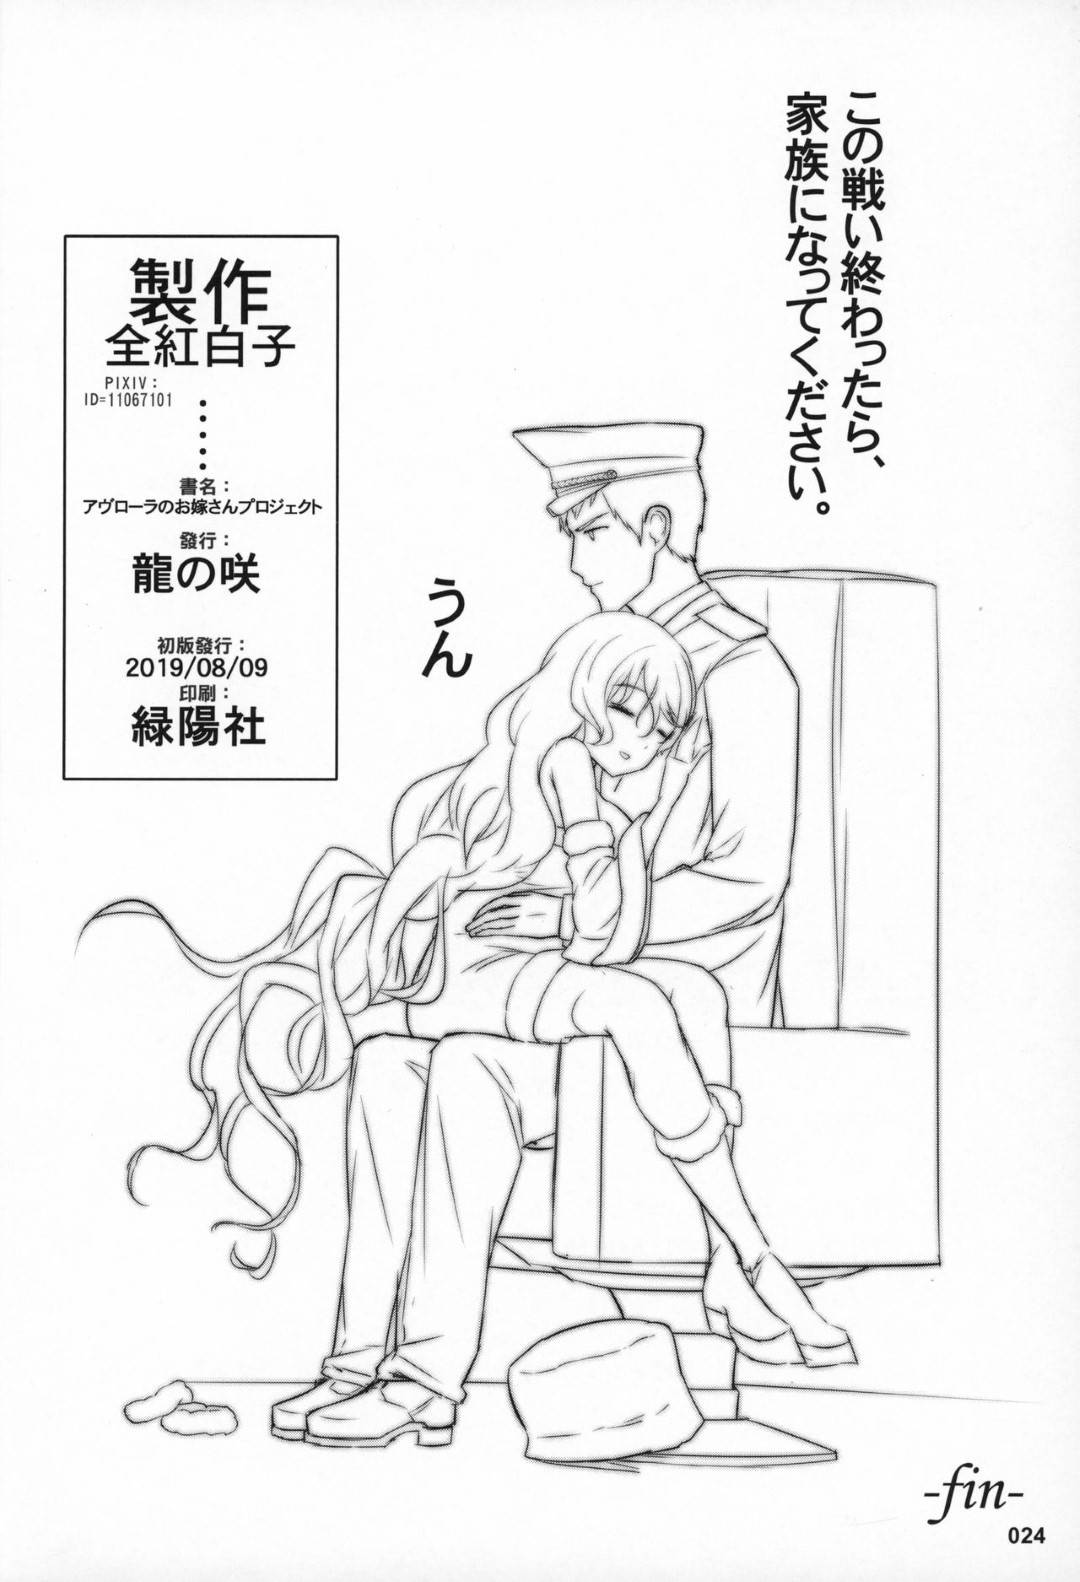 【エロ漫画】指揮官と結婚した美乳スレンダーなアヴローラ。お酒を飲んでいる内に酔ってエッチな雰囲気になってきた二人はソファやベッドの上でいちゃラブセックス!ディープキスや手マンですっかりびしょ濡れな彼女はパイズリやフェラでご奉仕し、正常位やバックで生挿入!